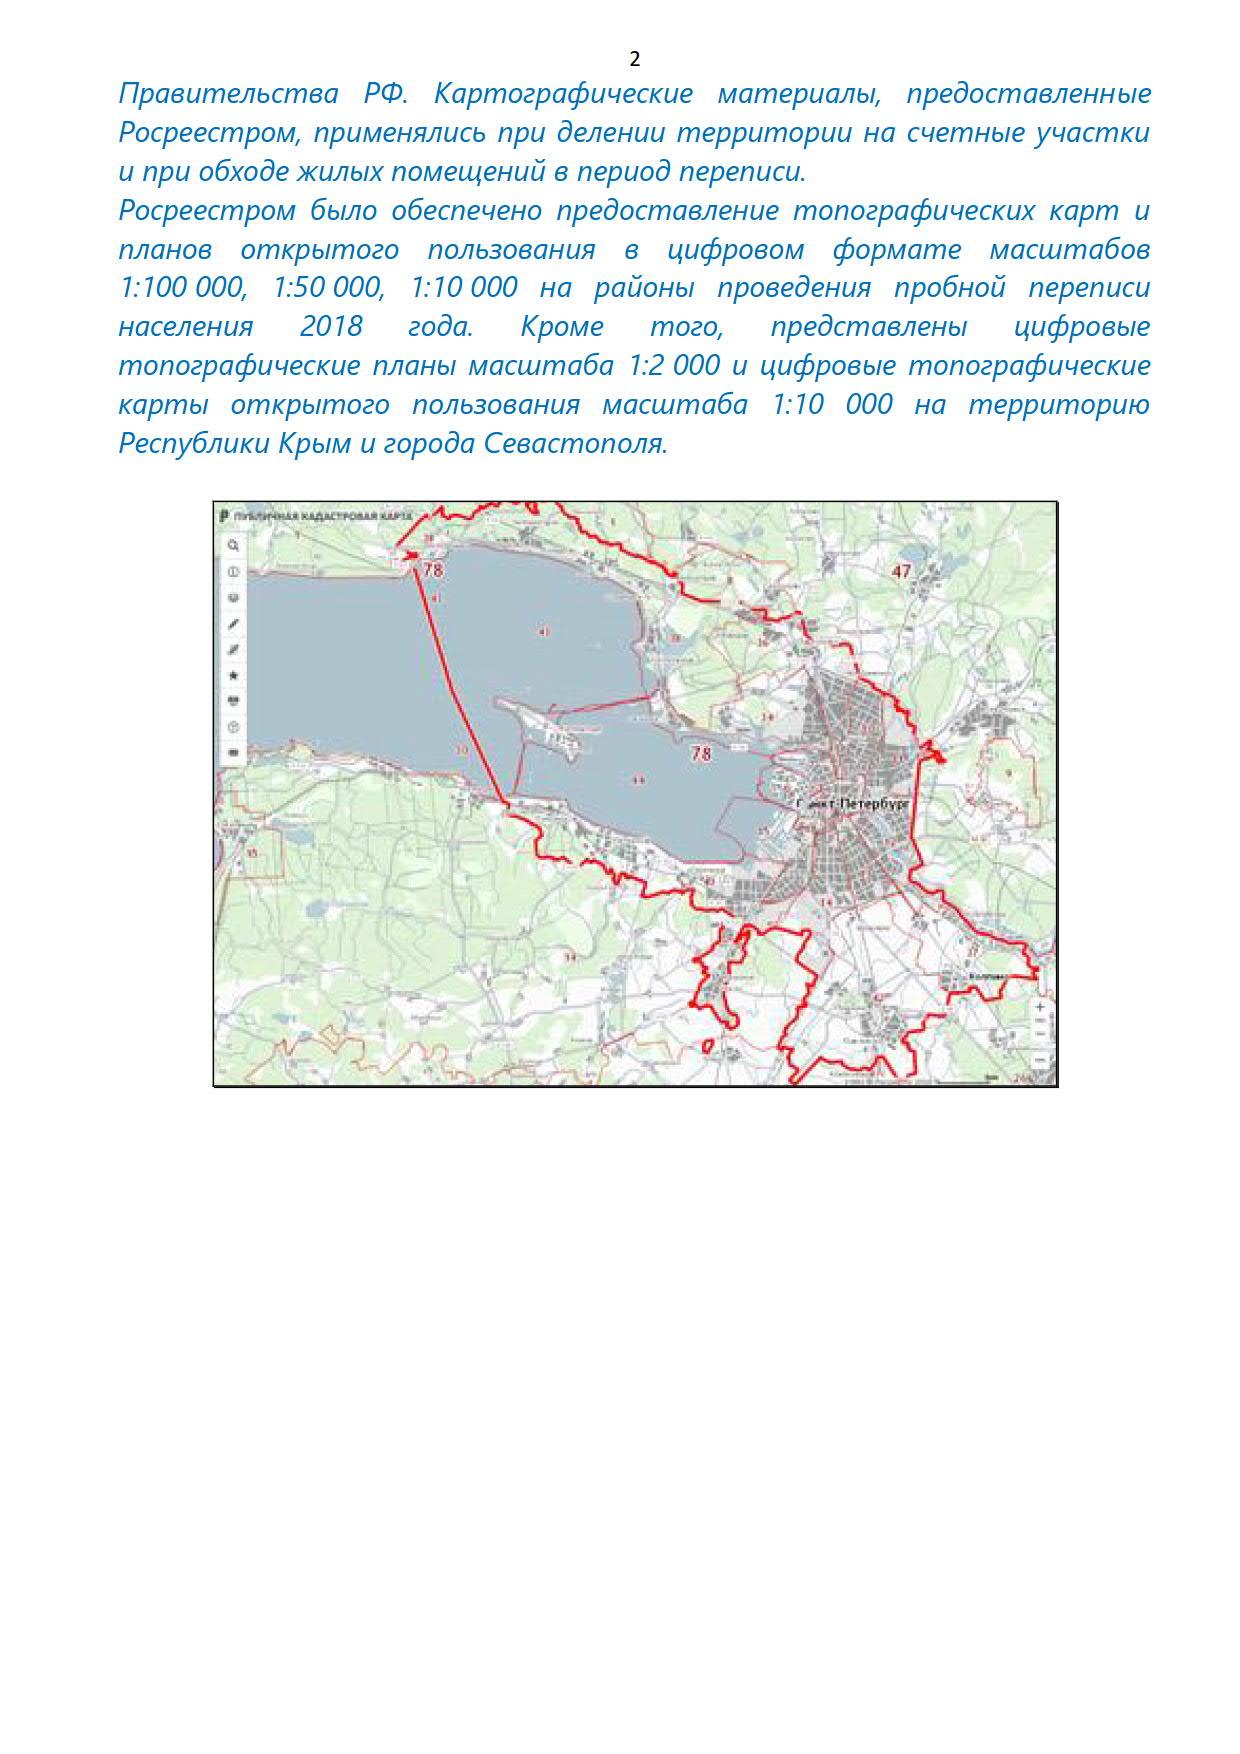 Росреестром предоставлен картографический материал для переписи населения 2020_2